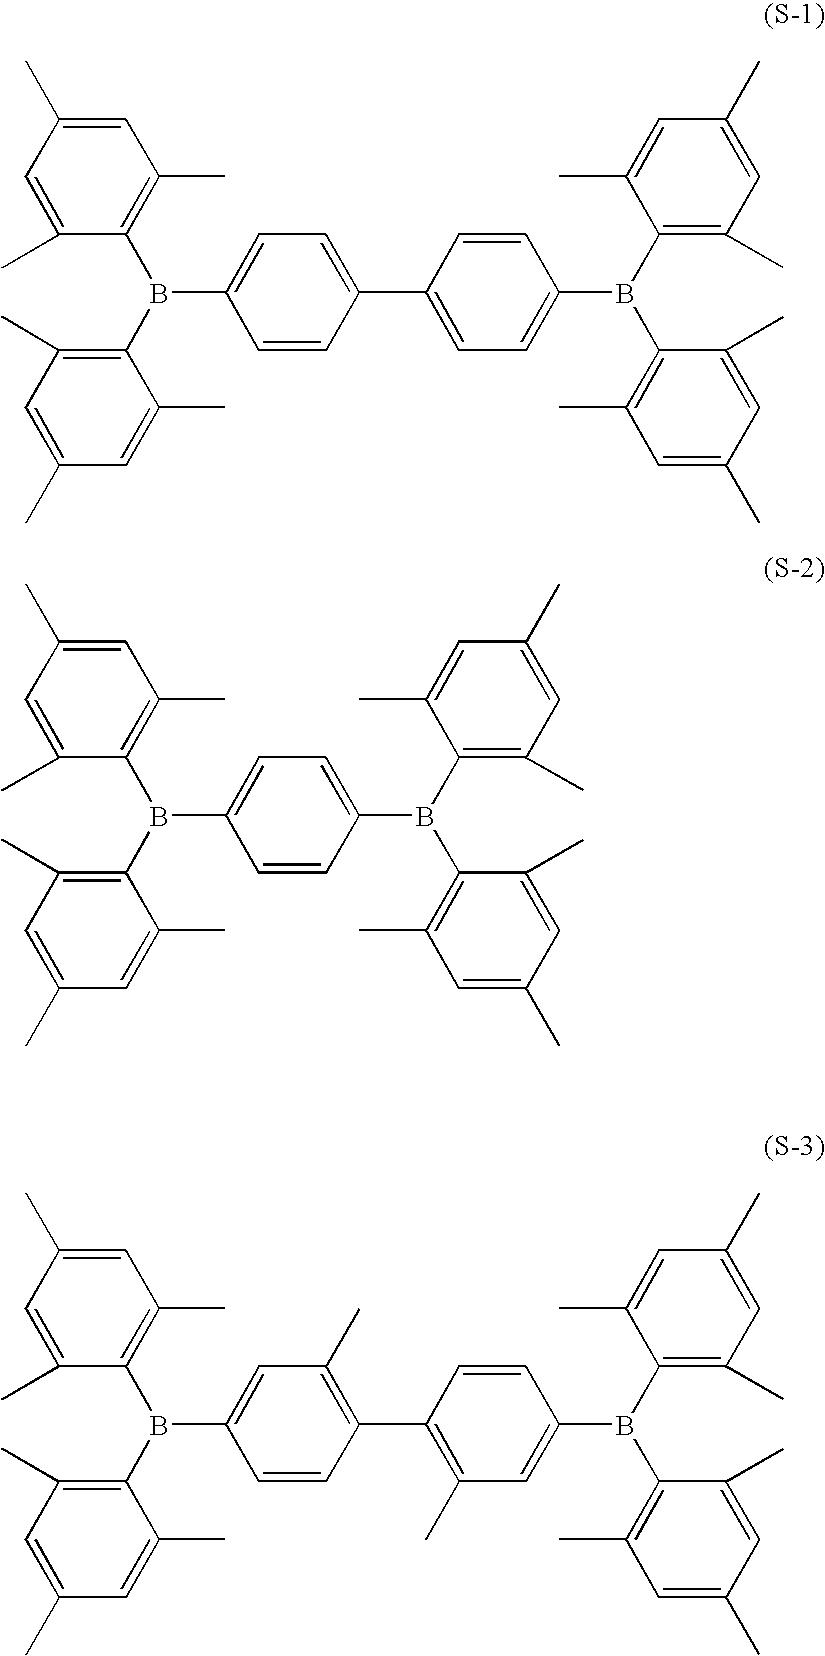 Figure US20090110957A1-20090430-C00070